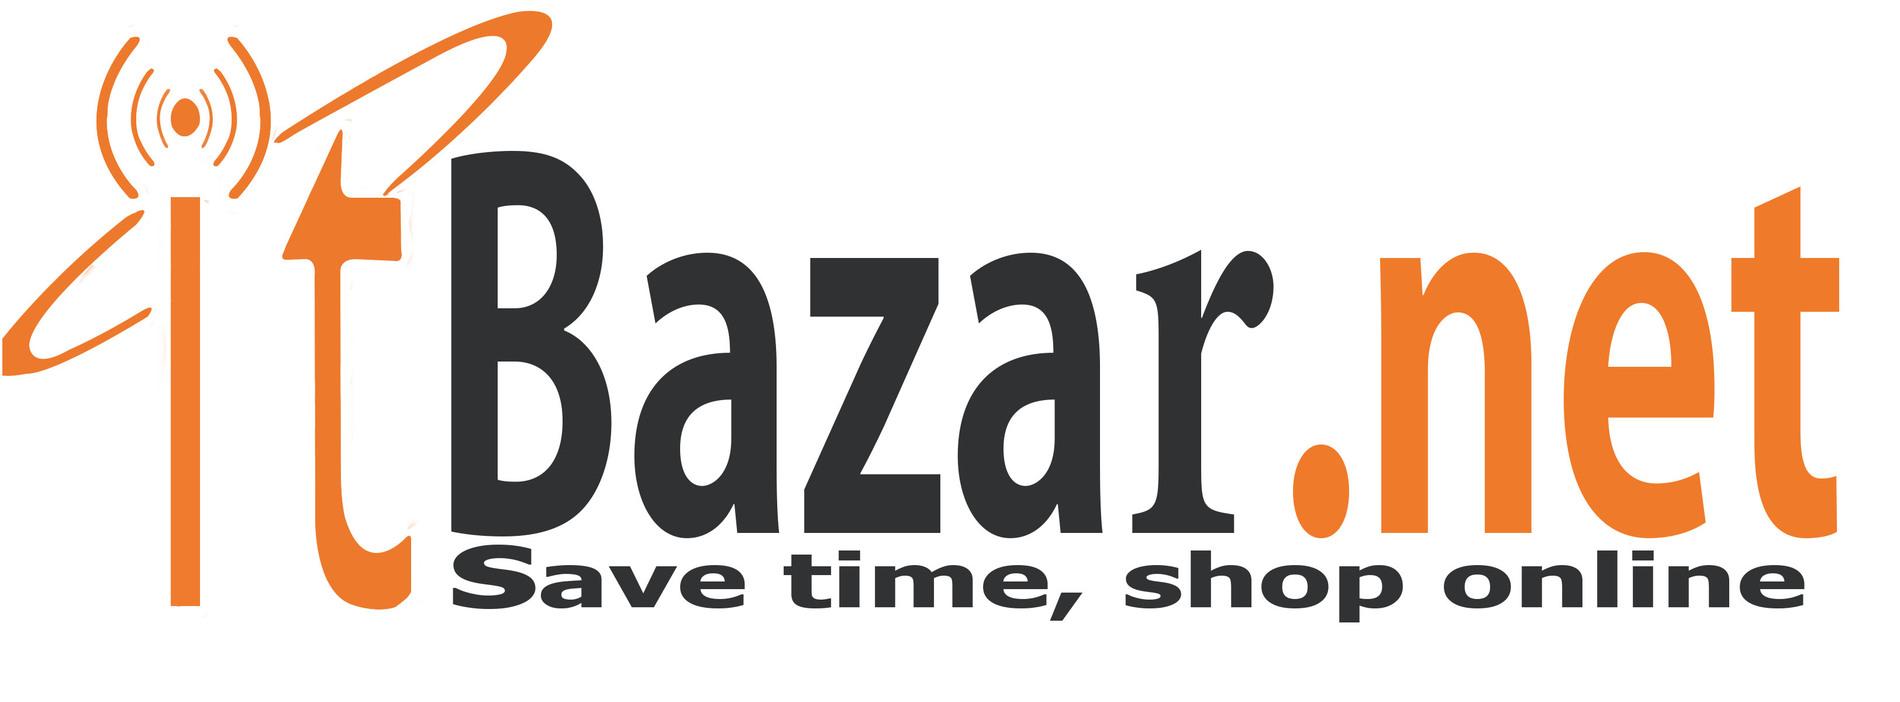 IT Bazar